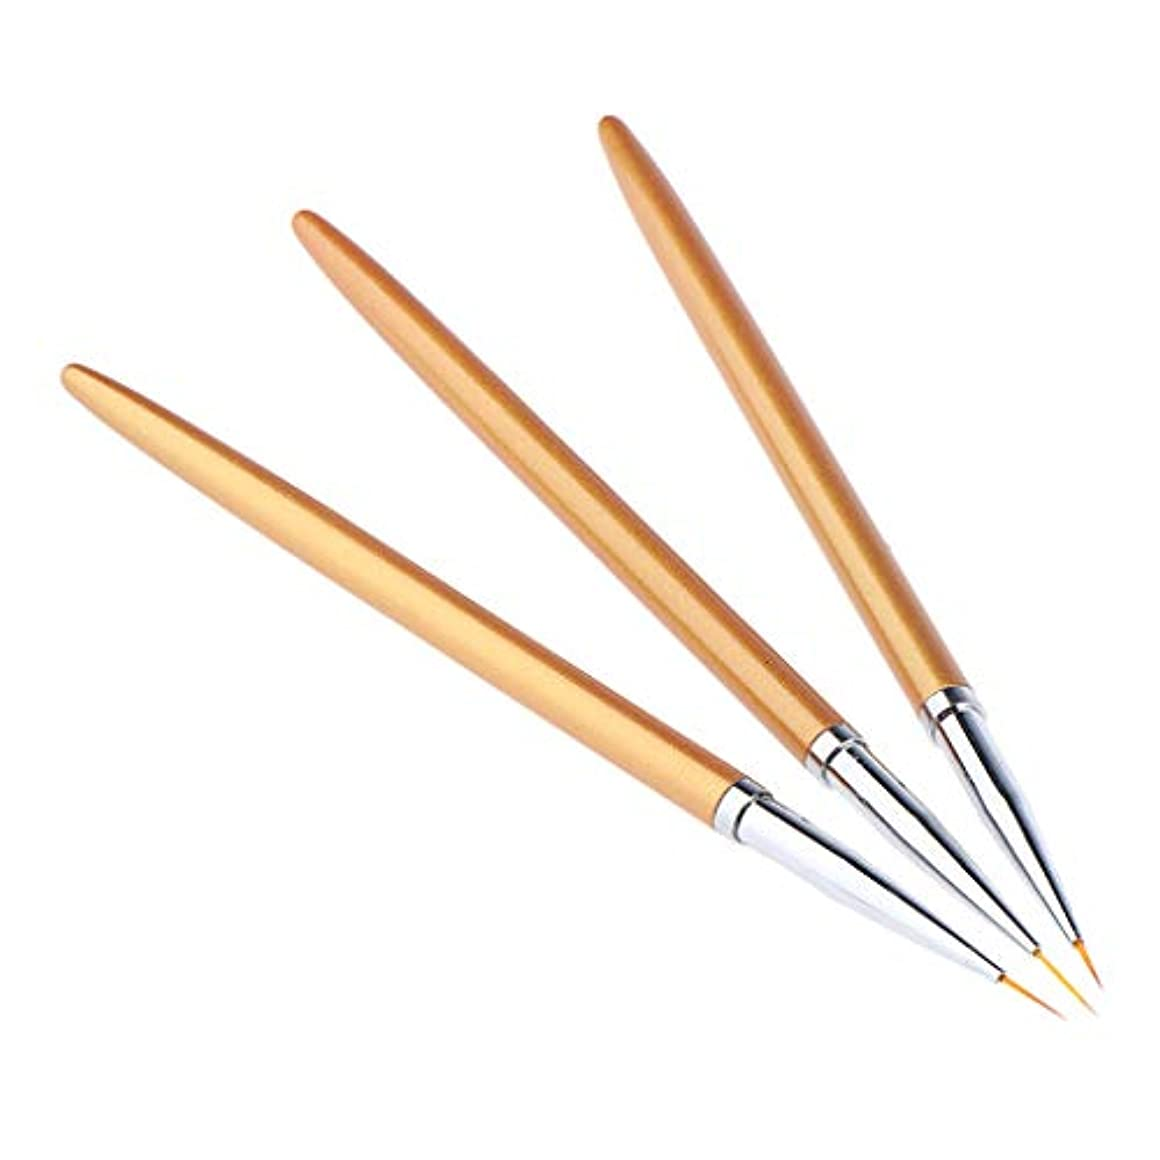 チーフ修正する通知するネイルアートペン ネイルブラシセット ネイルアートブラシ 絵画ペン 3本入り